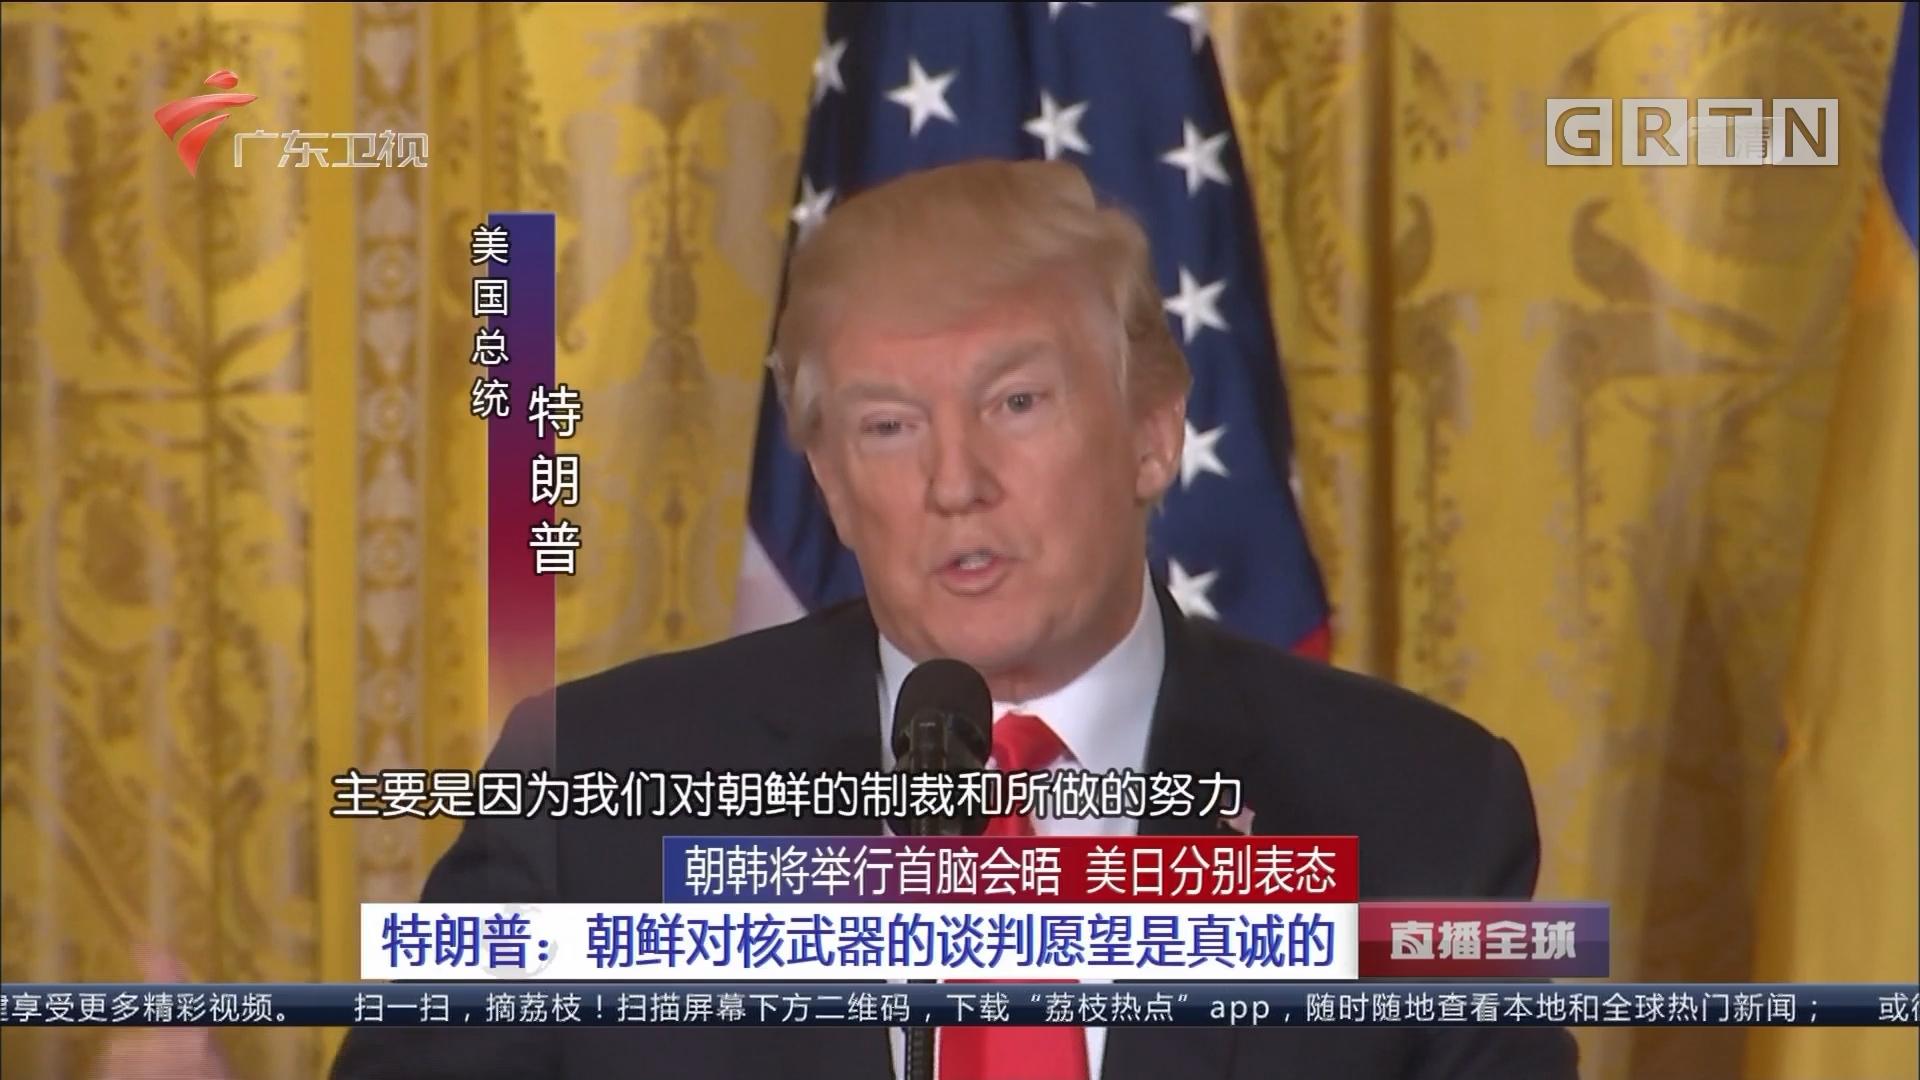 朝韩将举行首脑会晤 美日分别表态 特朗普:朝鲜对核武器的谈判愿望是真诚的